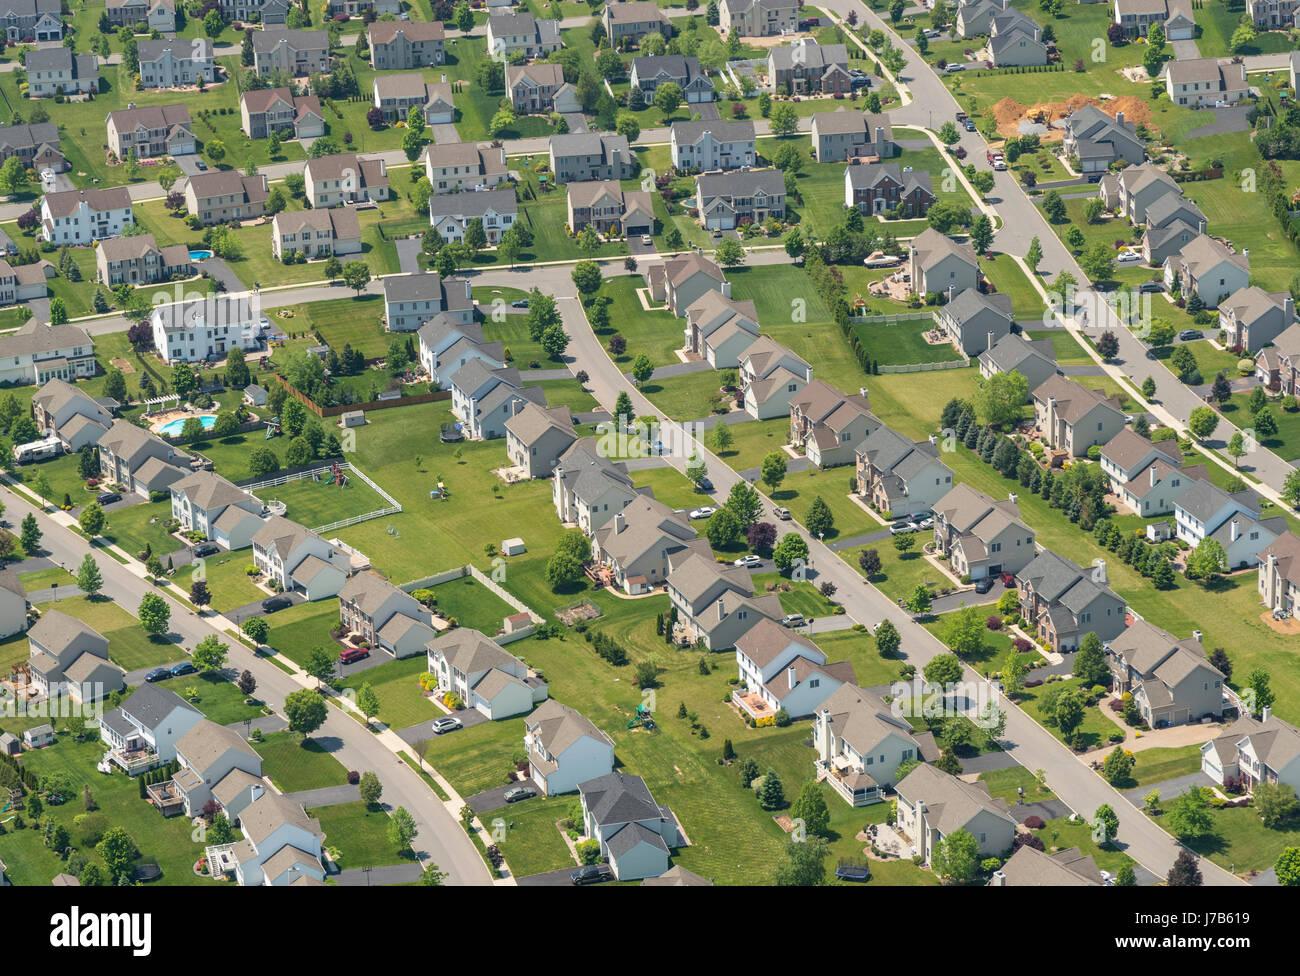 Luftaufnahme von Pennsylvania Vorort beherbergt Wohngegend Stockbild